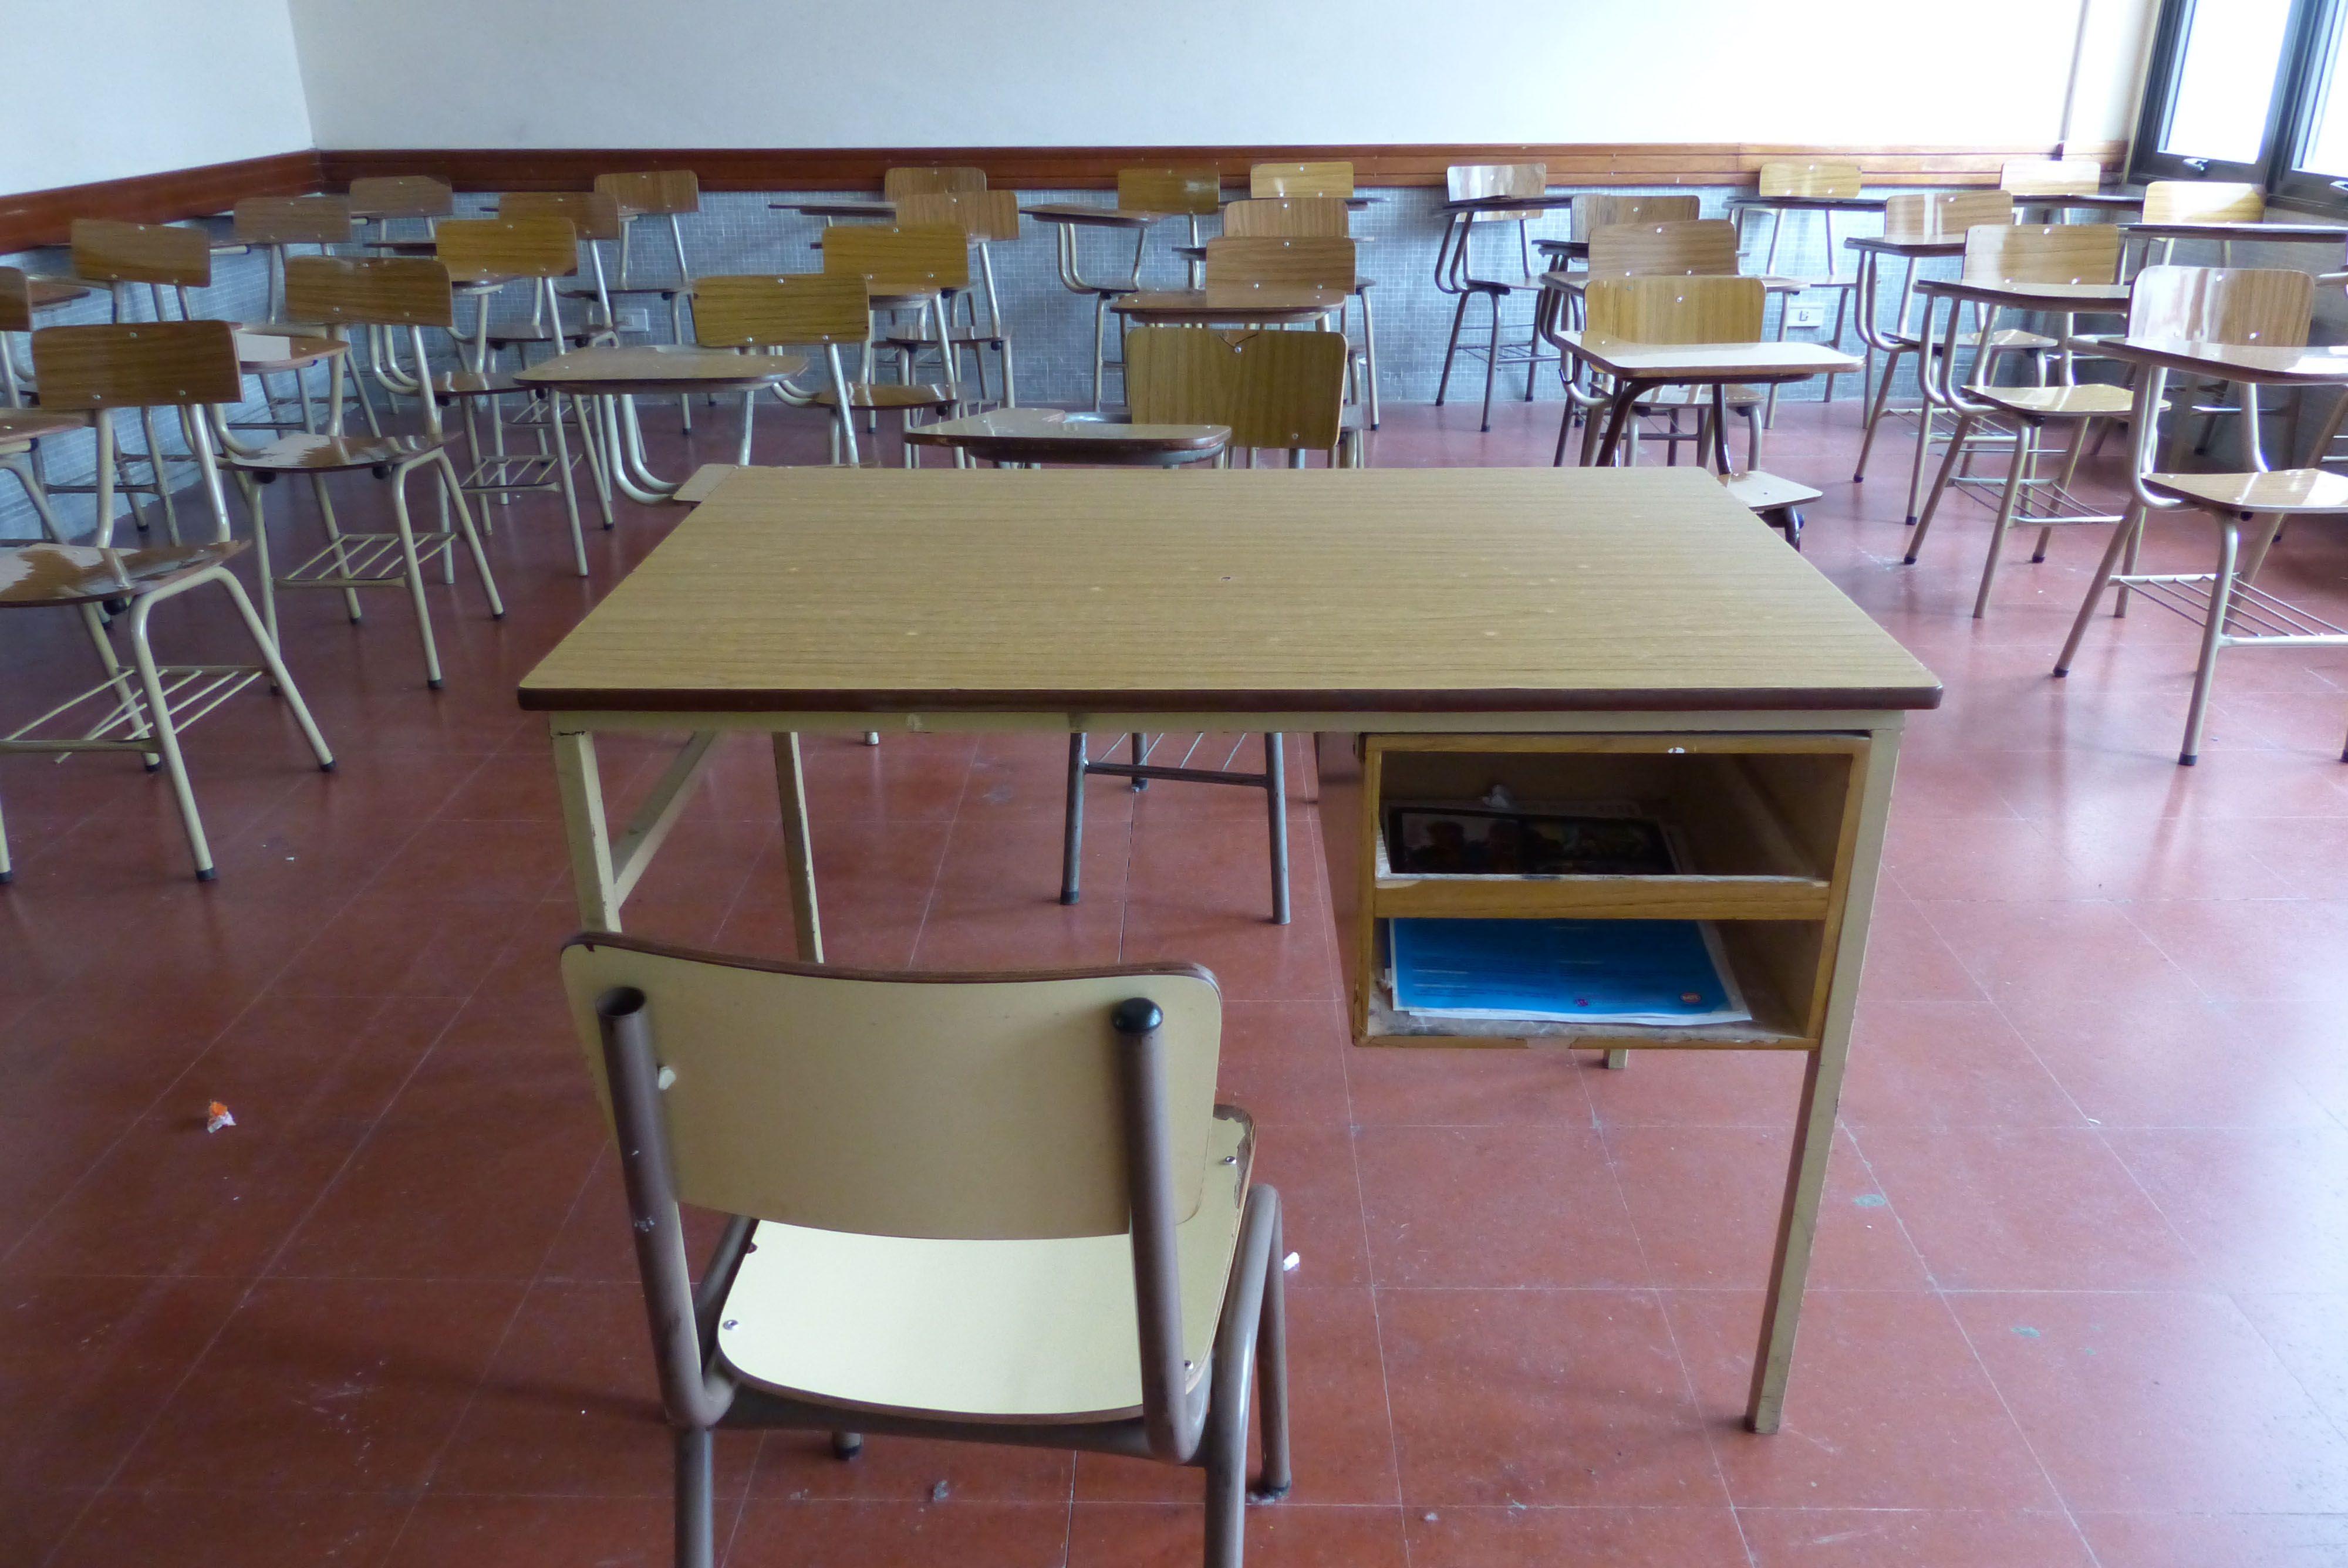 El viernes no habrá clases en las 12 facultades y las 3 escuelas de la UNR.